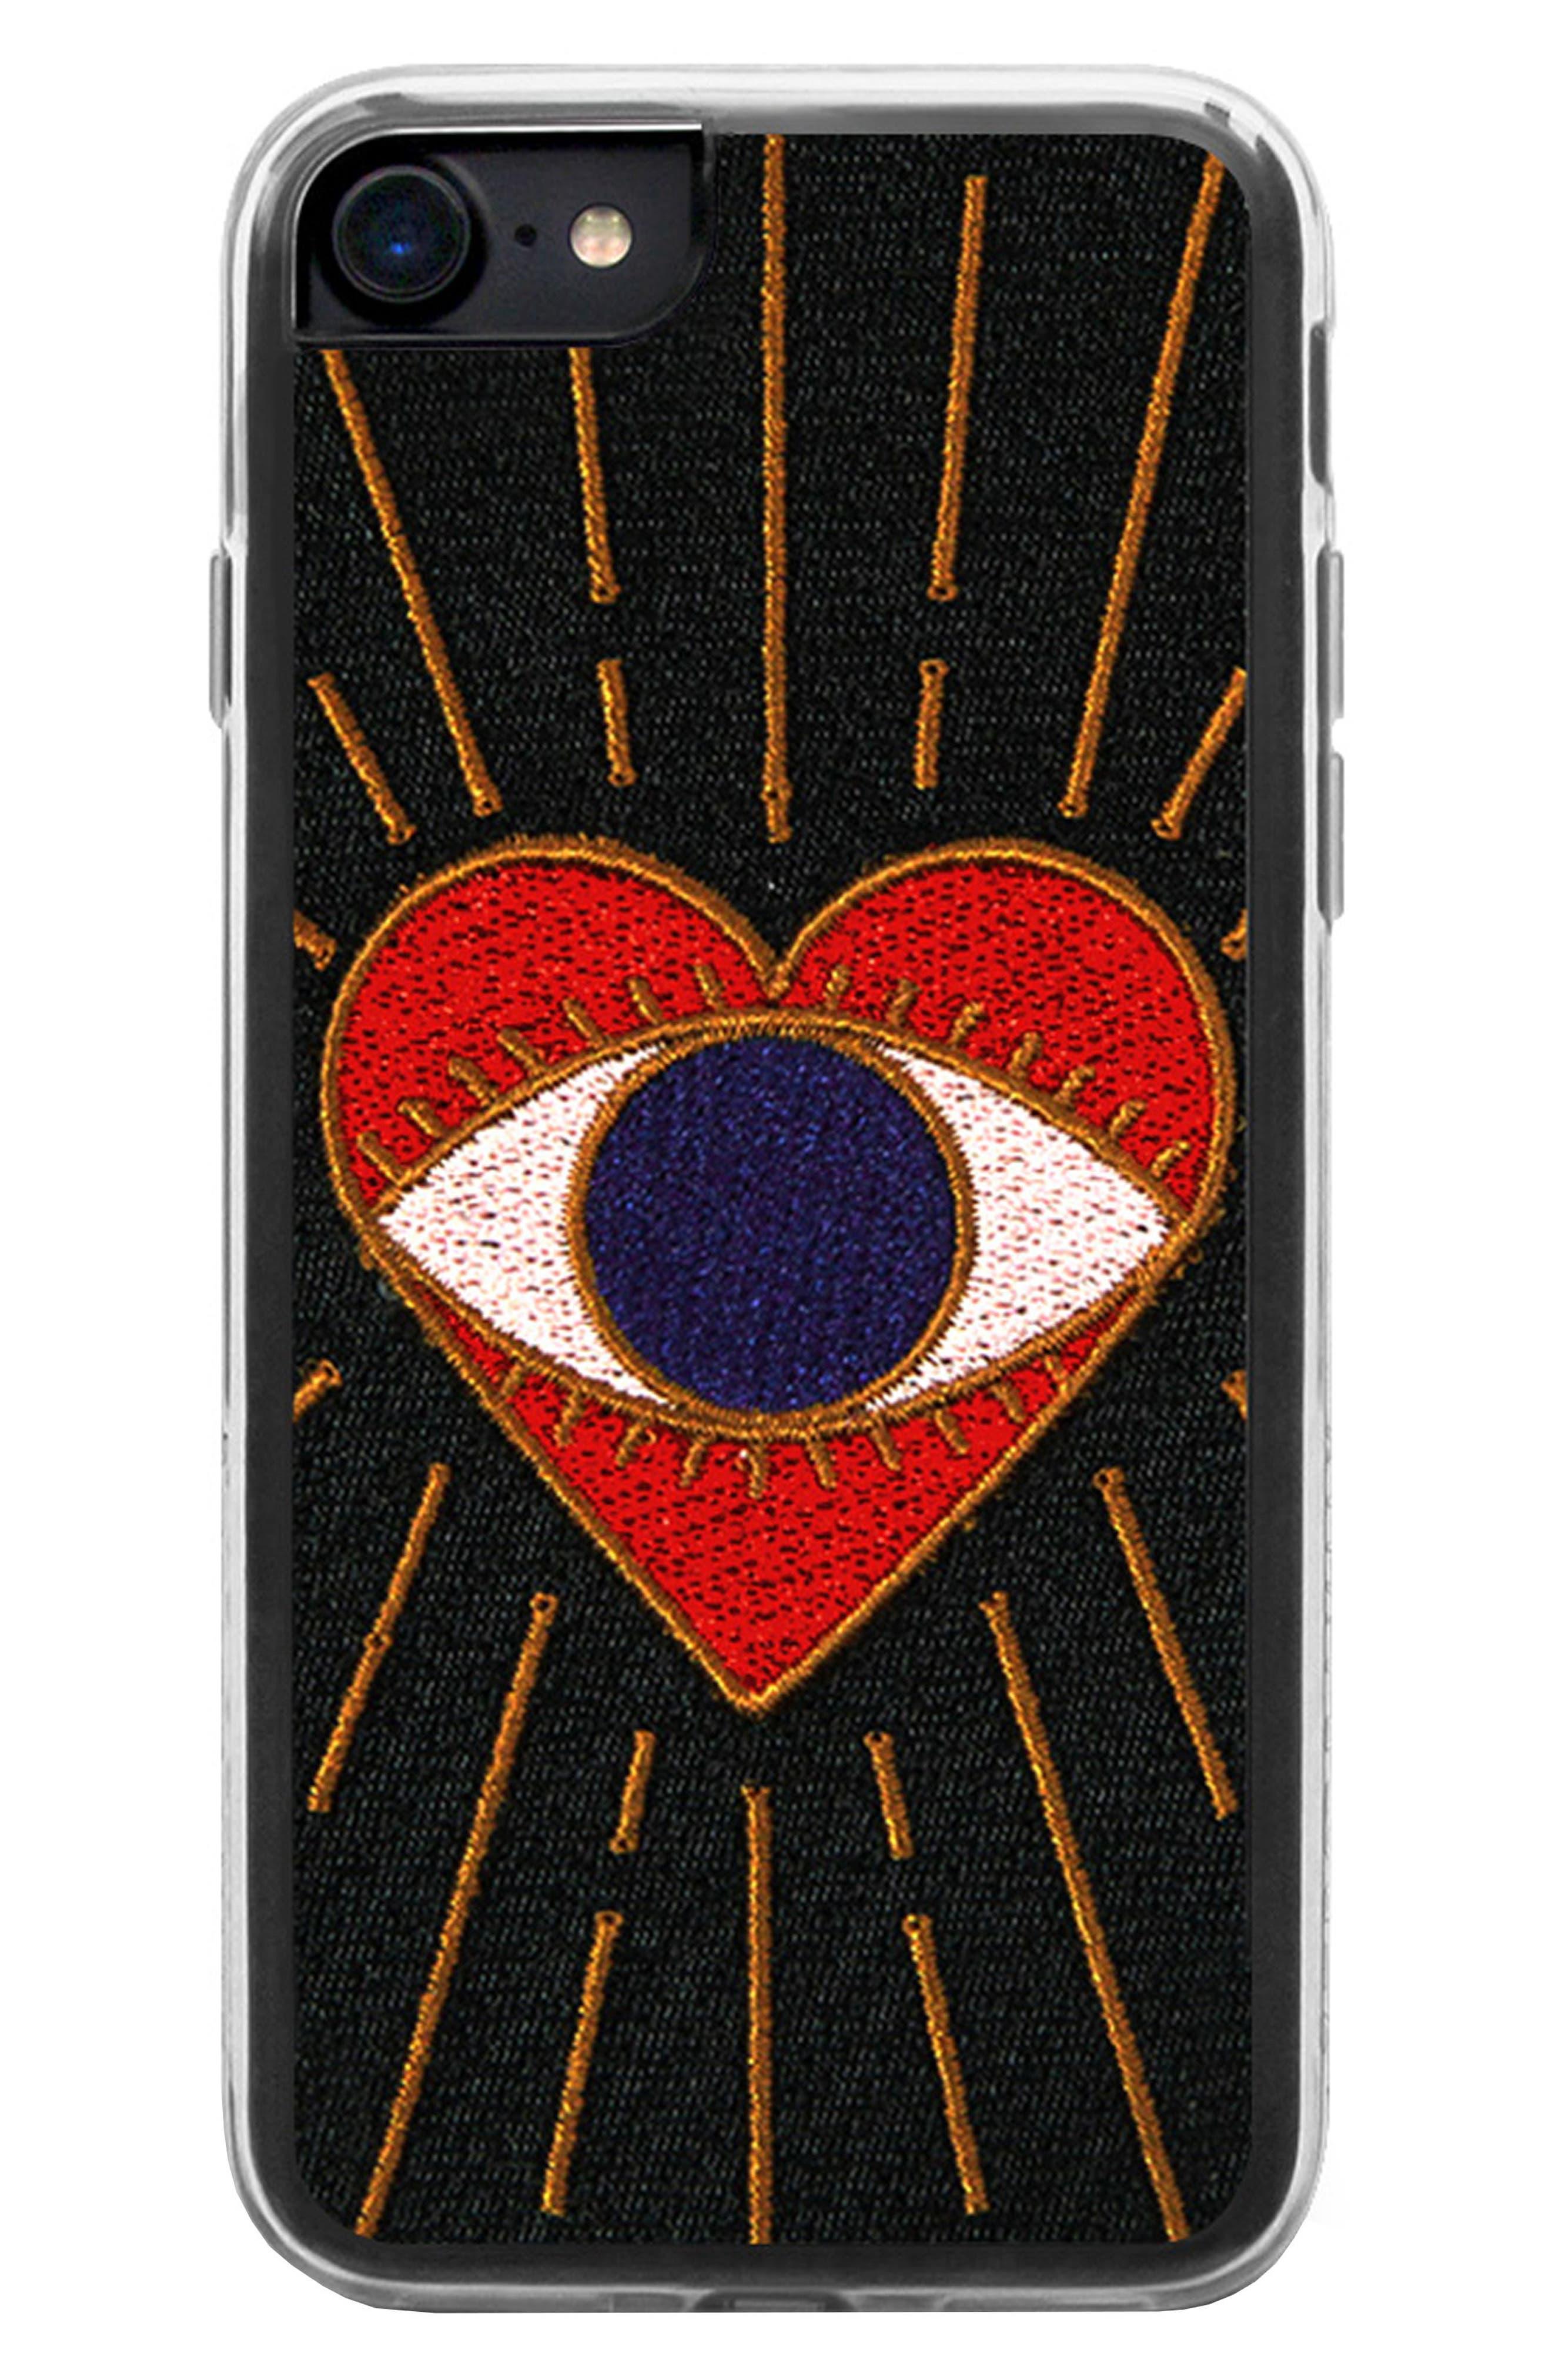 Visio iPhone 7 & 7 Plus Case,                         Main,                         color, 001